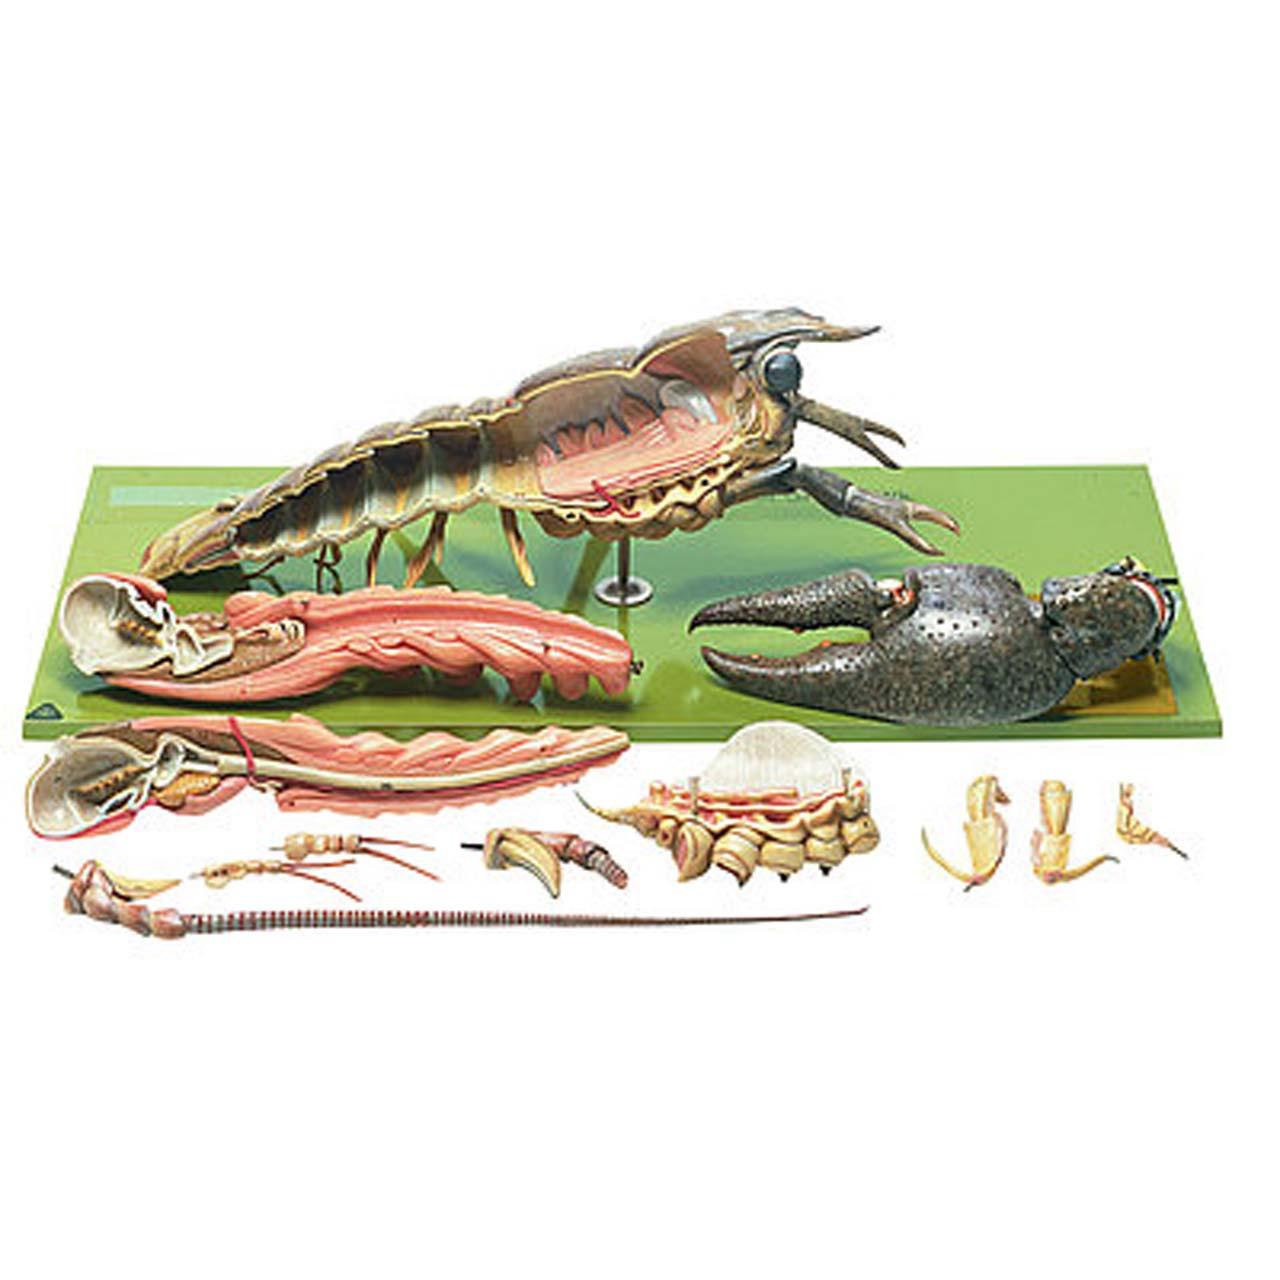 Crayfish or Precious Crayfish